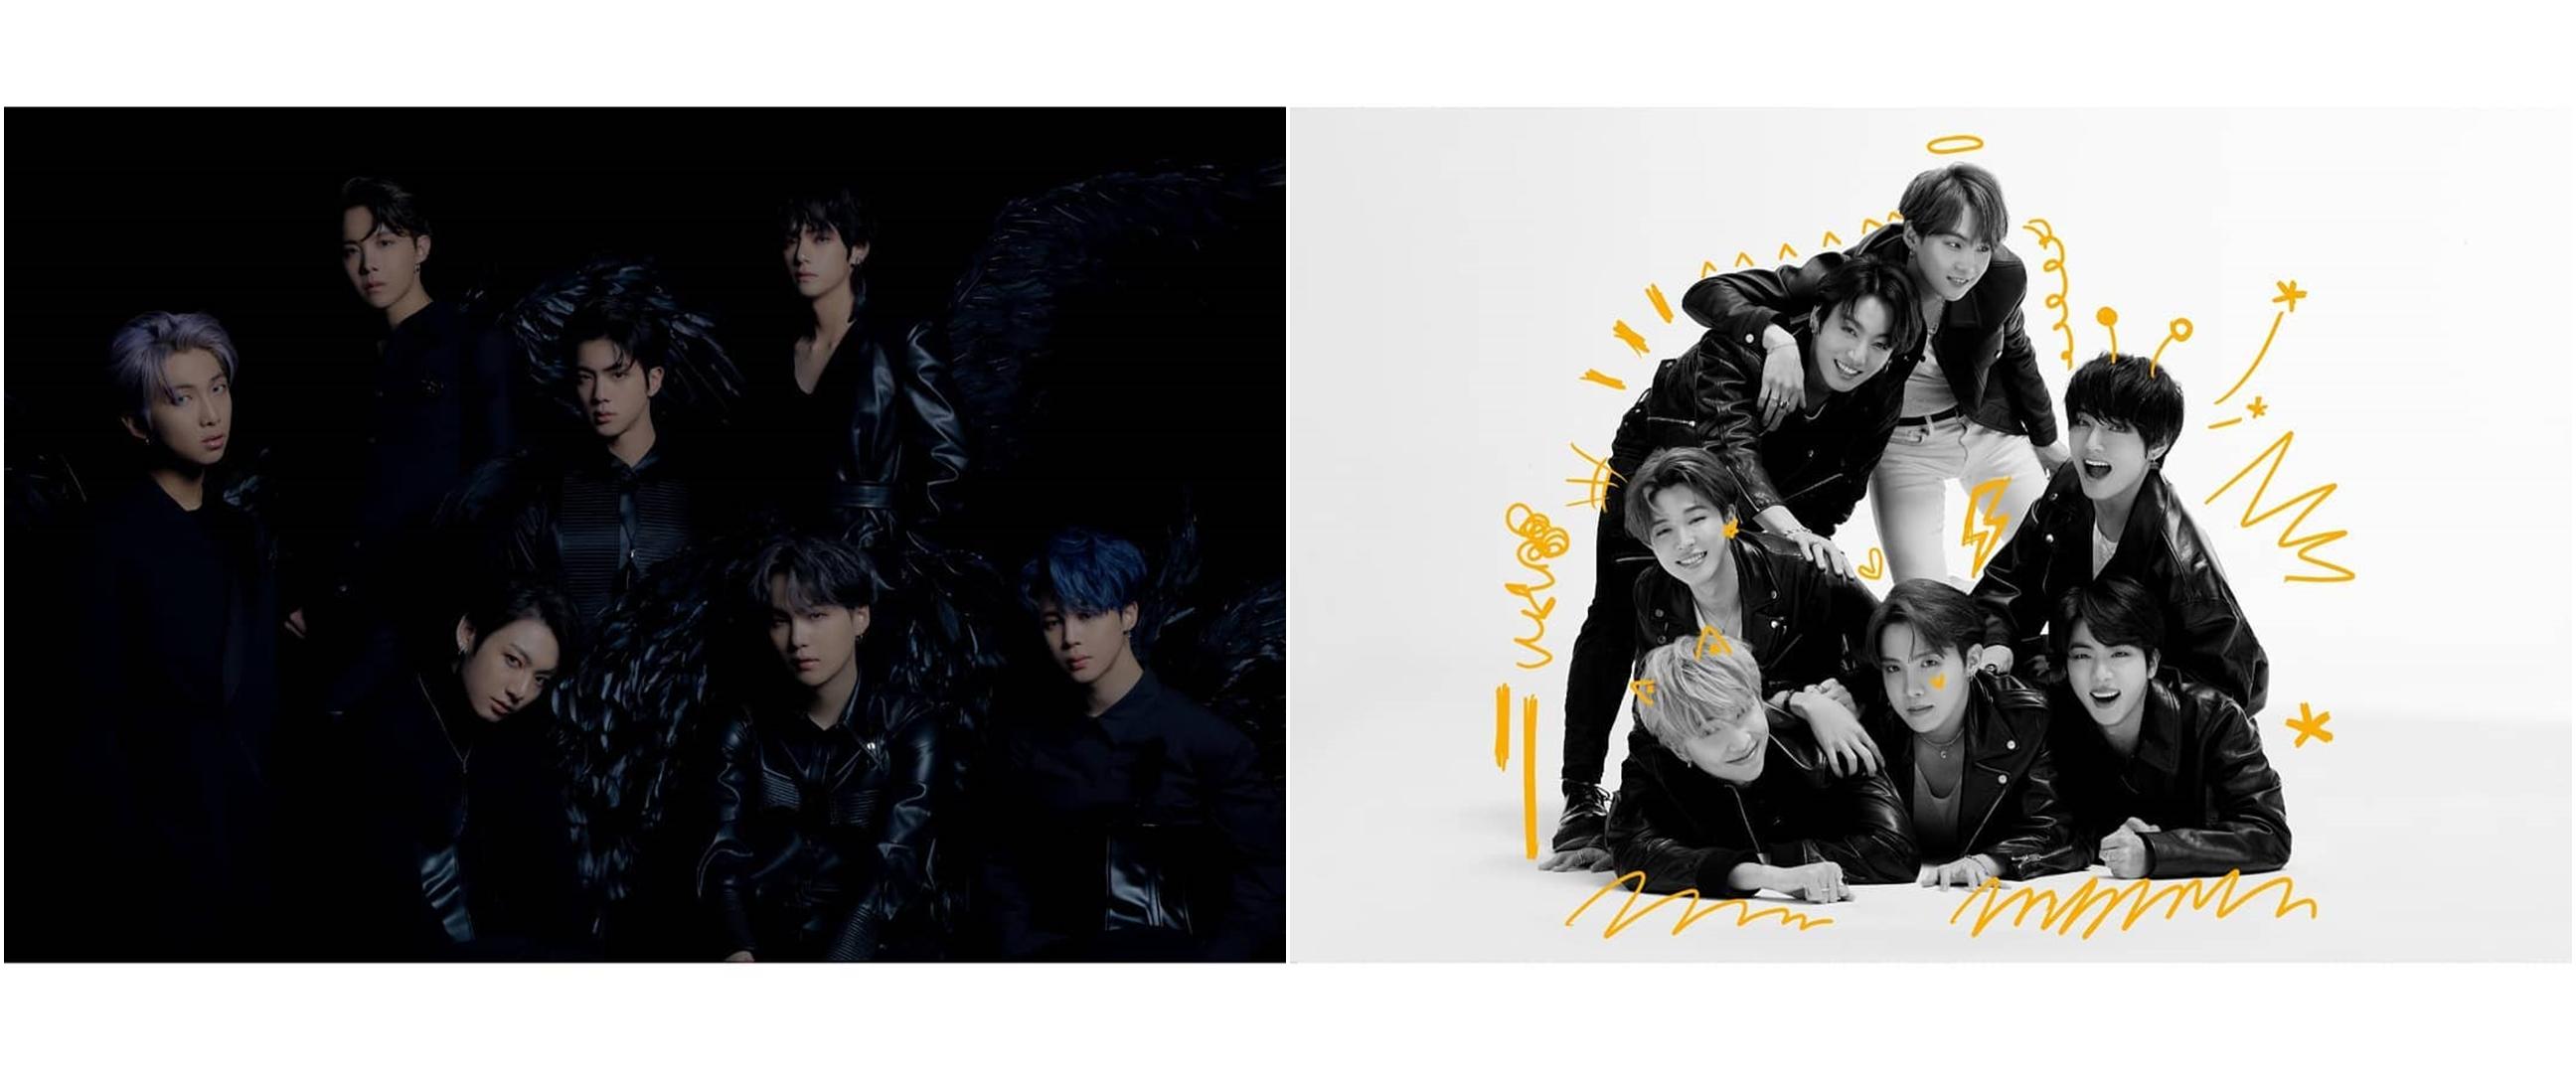 Cegah corona di Indonesia, fans BTS galang dana hingga Rp 235 juta